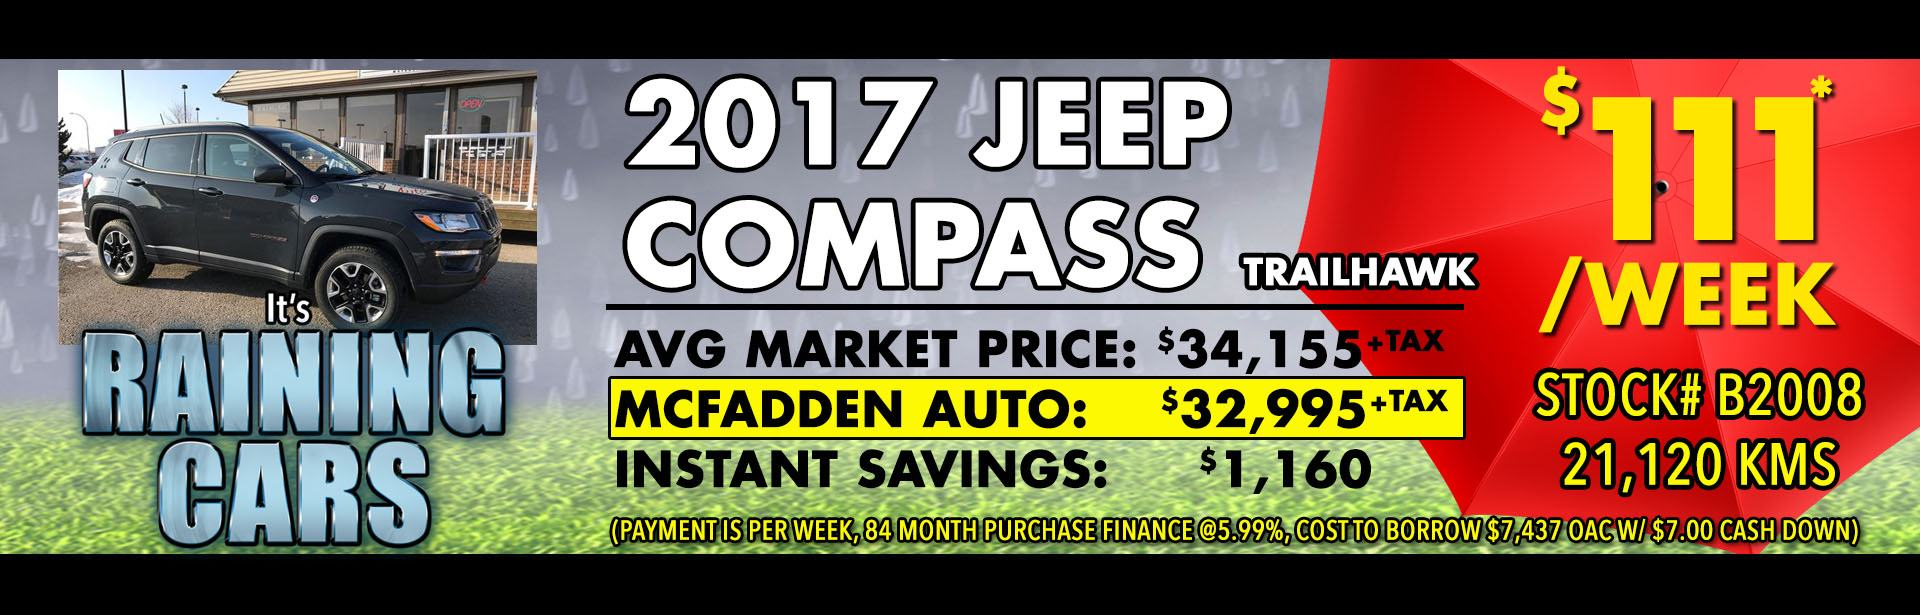 Raining Cars - B2008 - 2017 Jeep Compass trailhawk - APR 2018 - 1